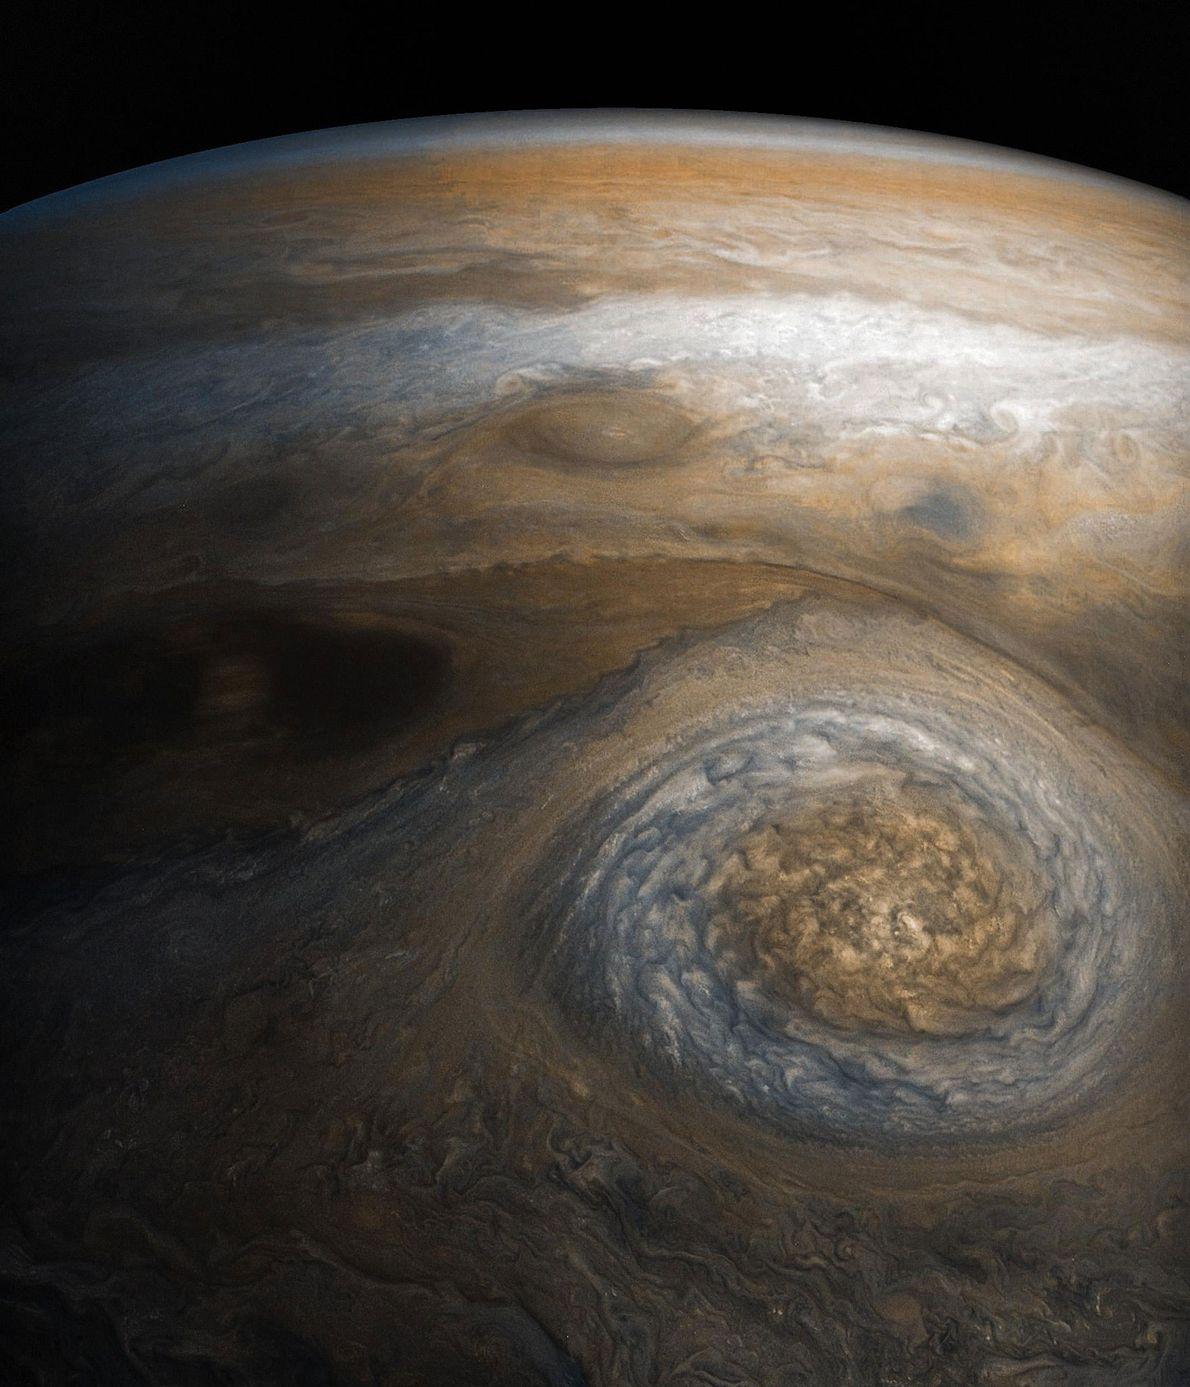 Tormenta de Júpiter